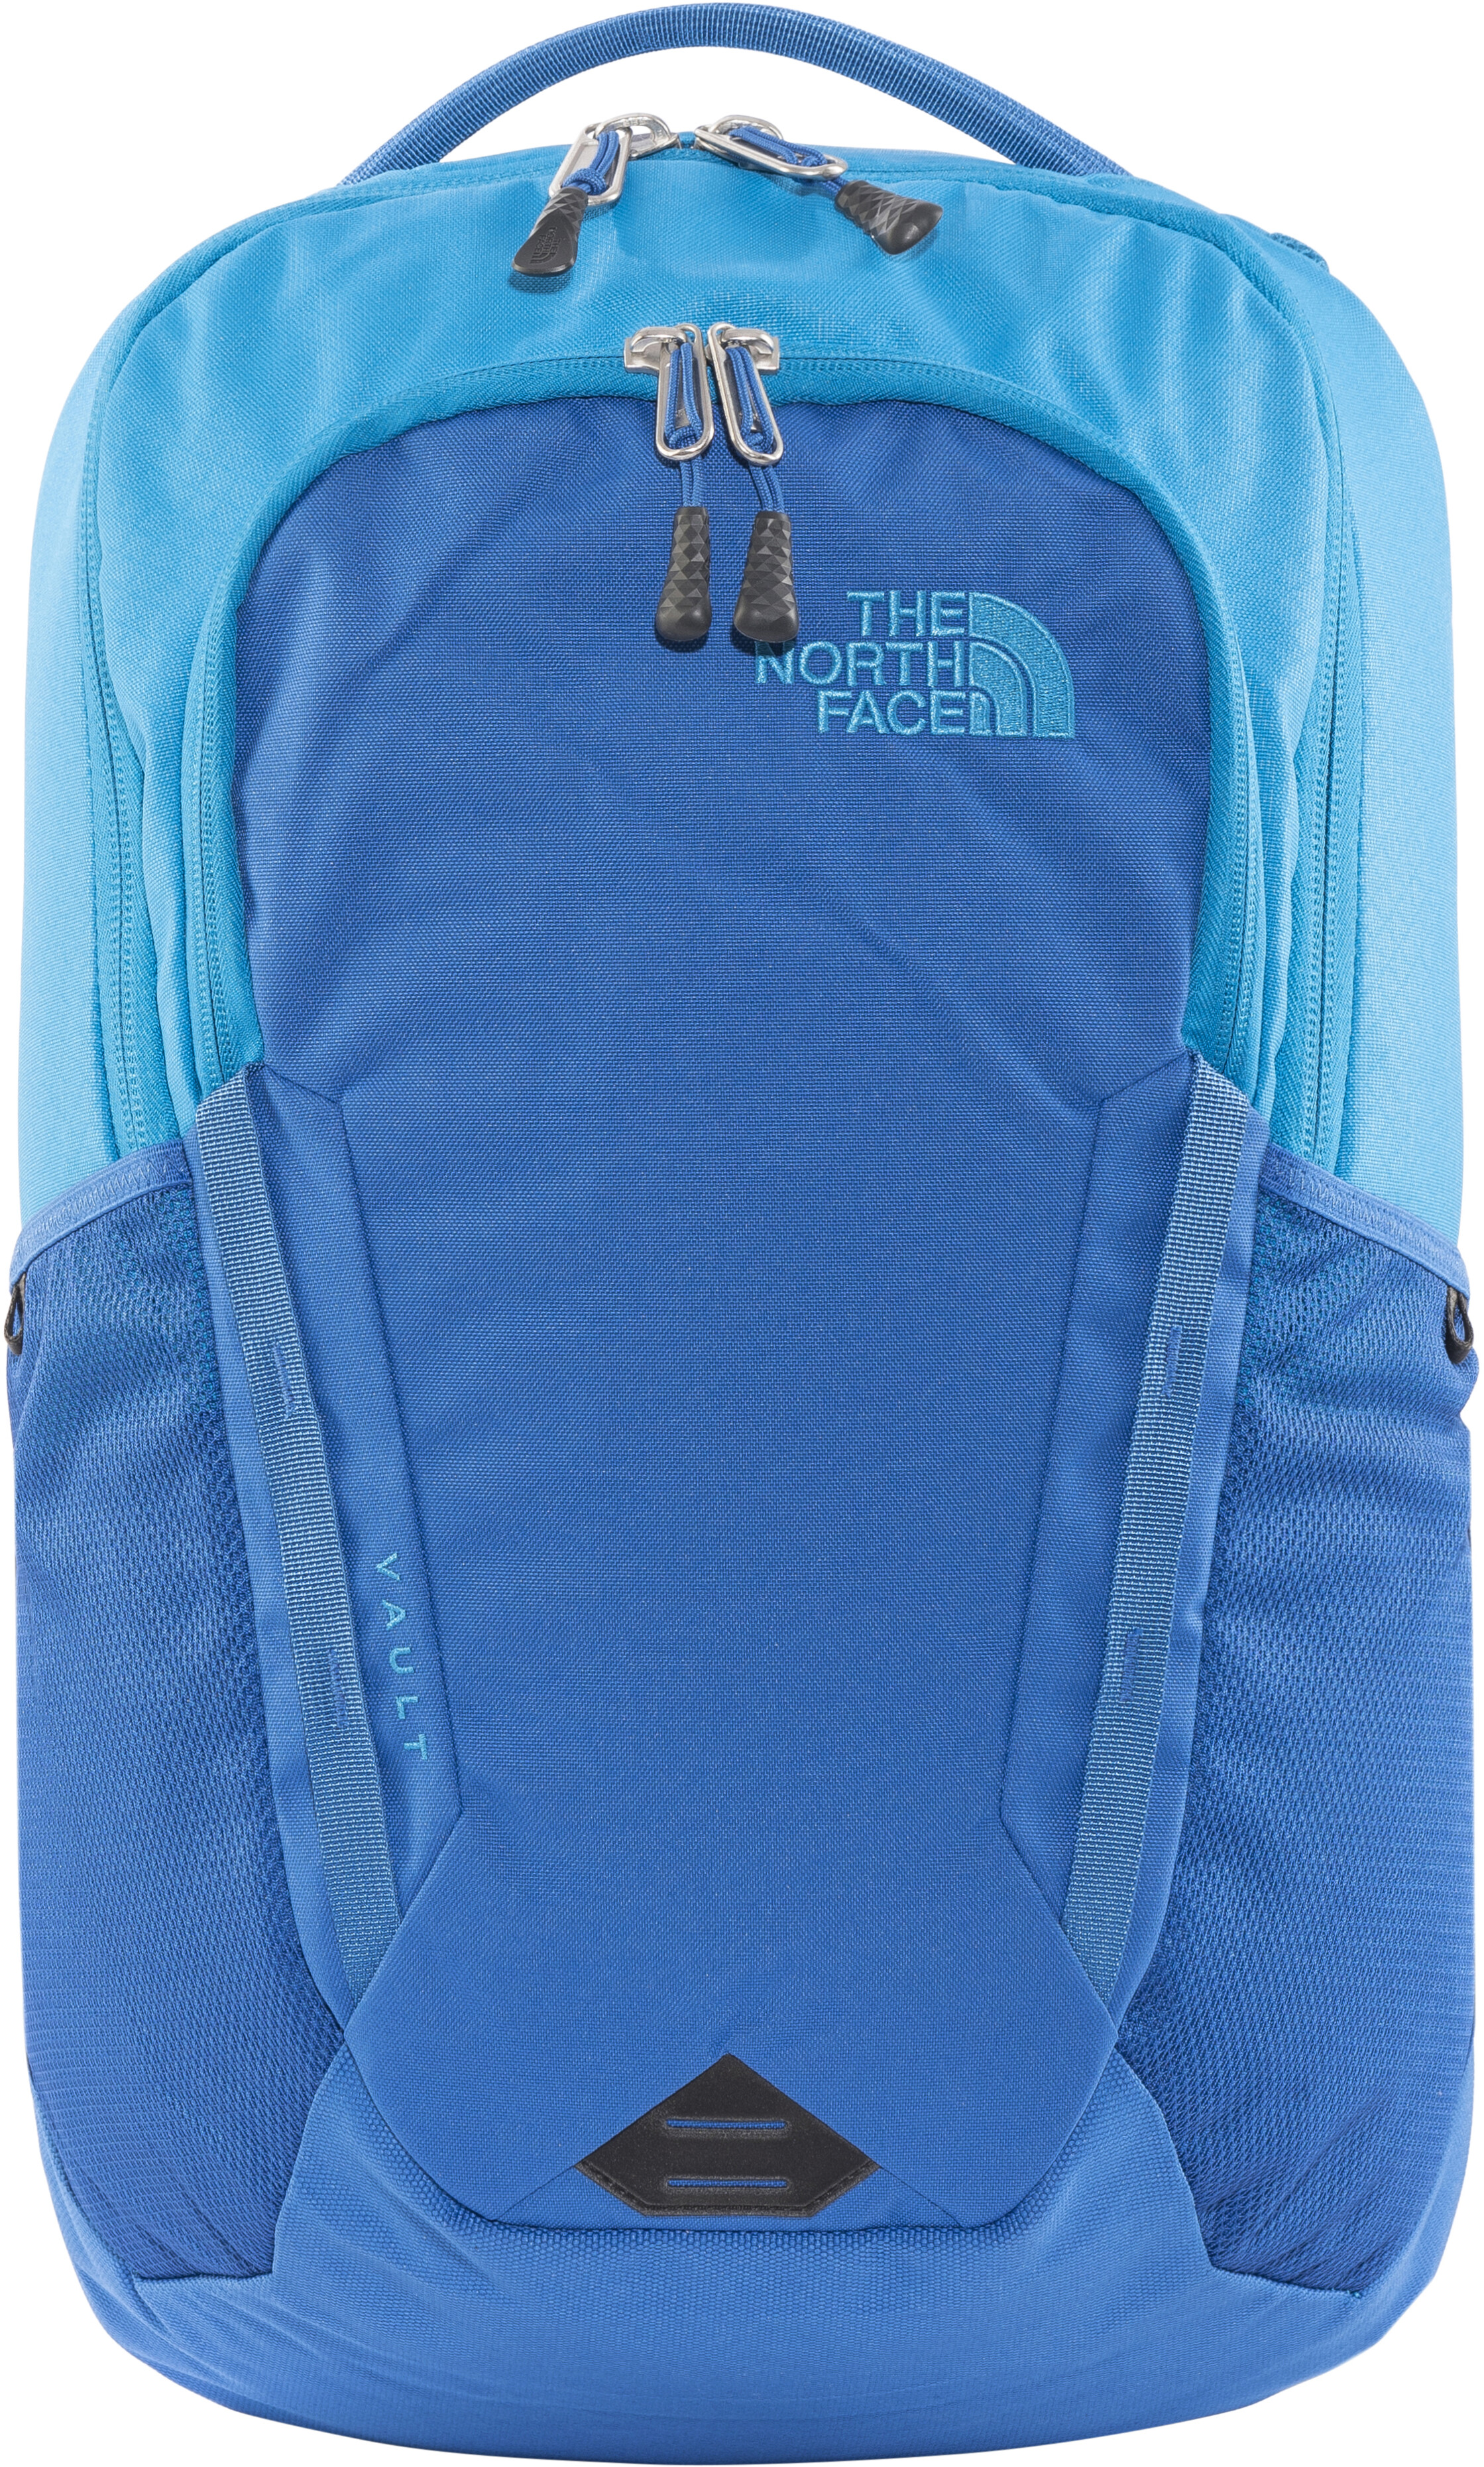 The North Face Vault Ryggsäck blå - till fenomenalt pris på Bikester 9a6caa07b955e